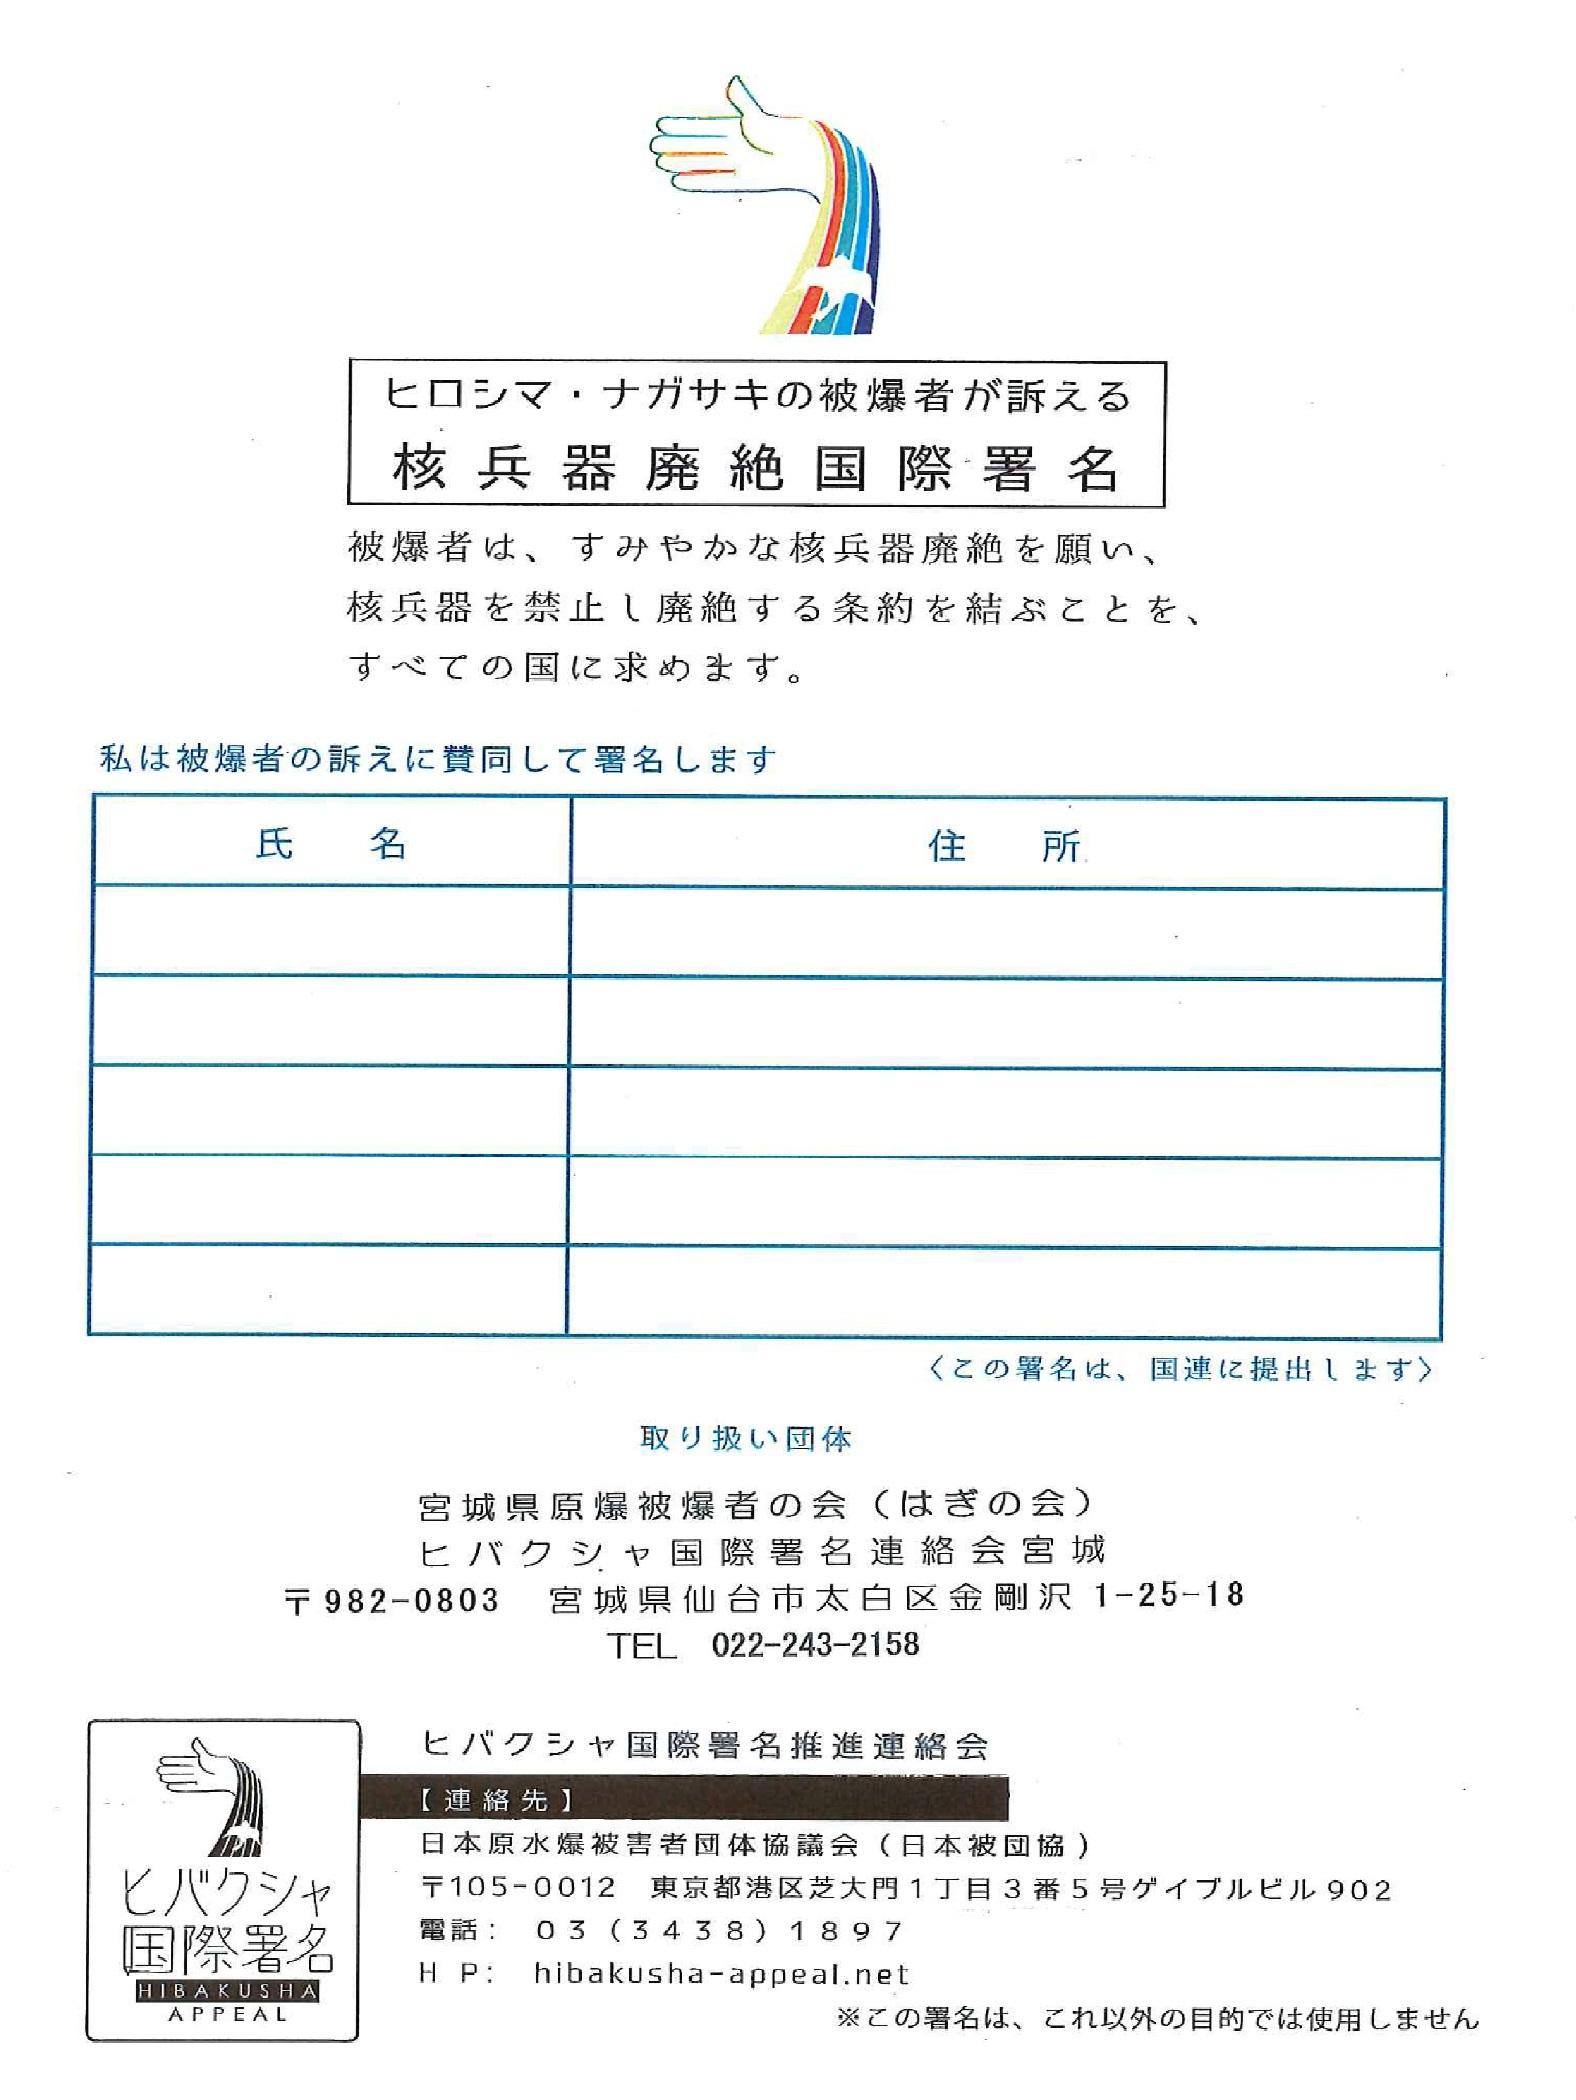 ヒバクシャ署名用紙2 2017